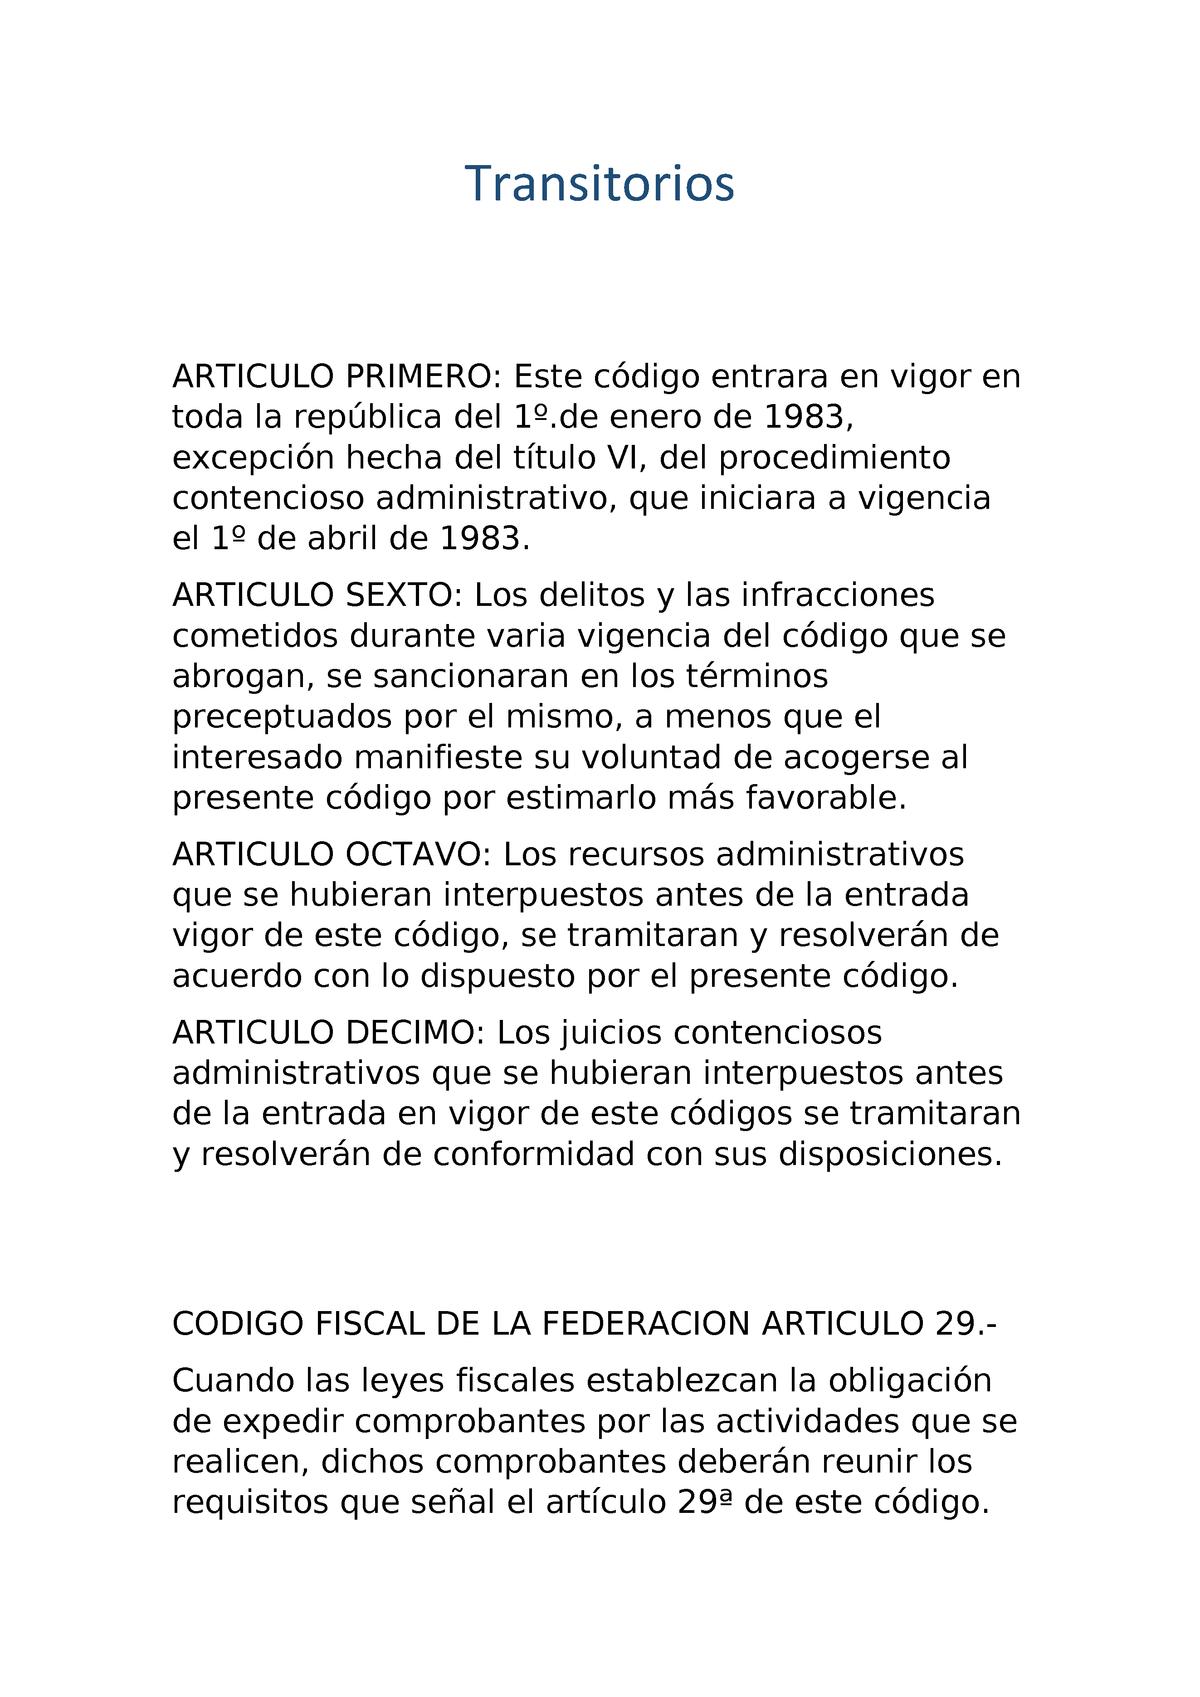 codigofiscaldelafederacion - Código Fiscal De La Federación